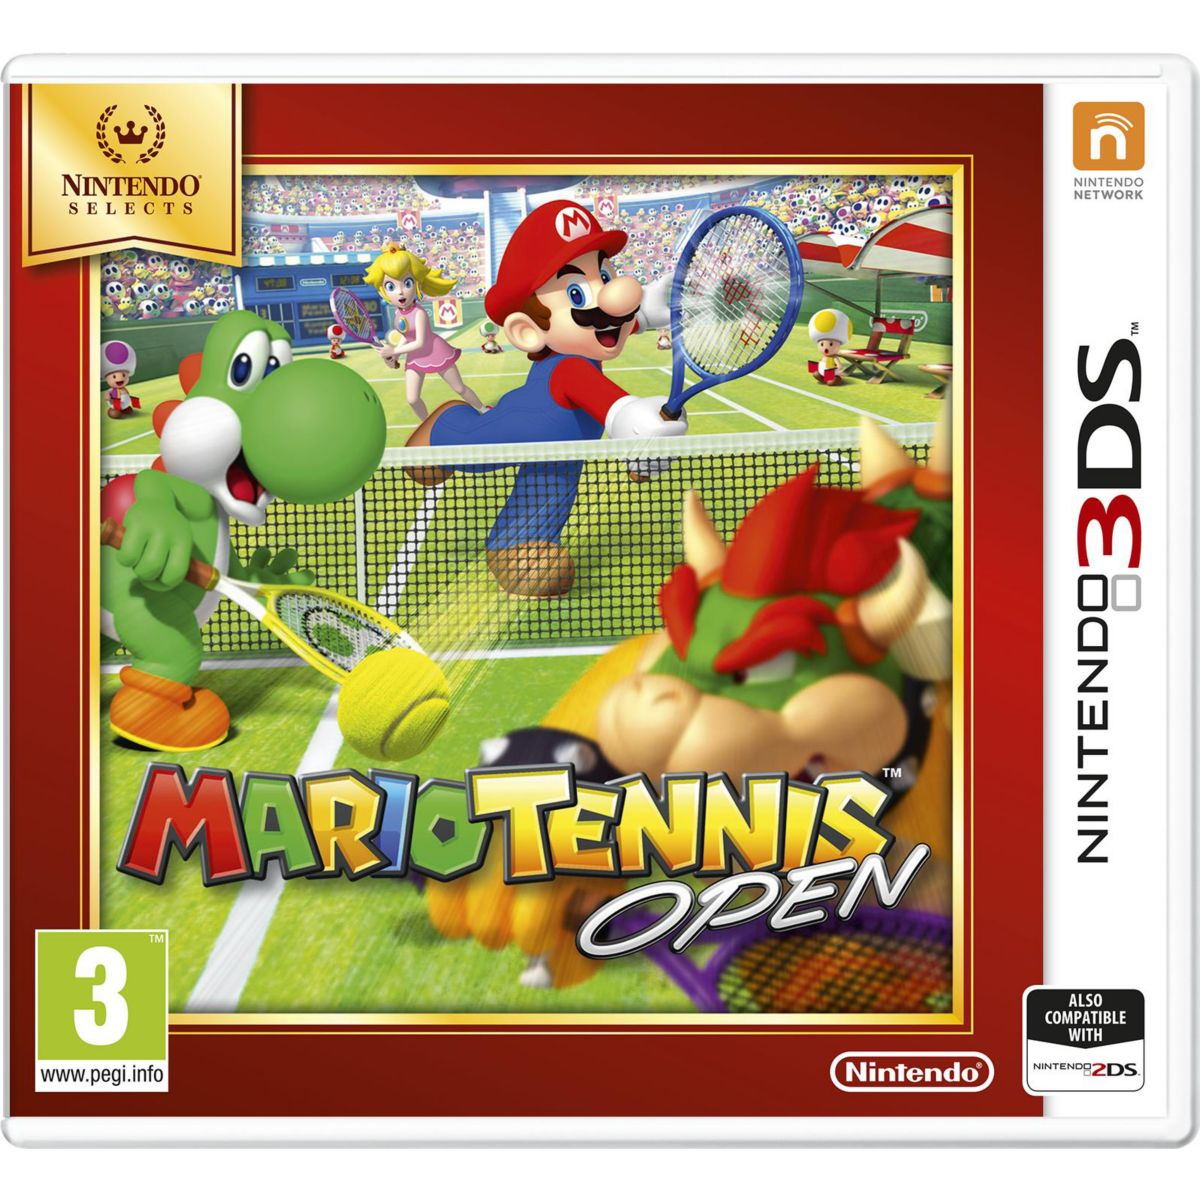 Jeu 3ds nintendo mario tennis open selects - 2% de remise imm�diate avec le code : deal2 (photo)